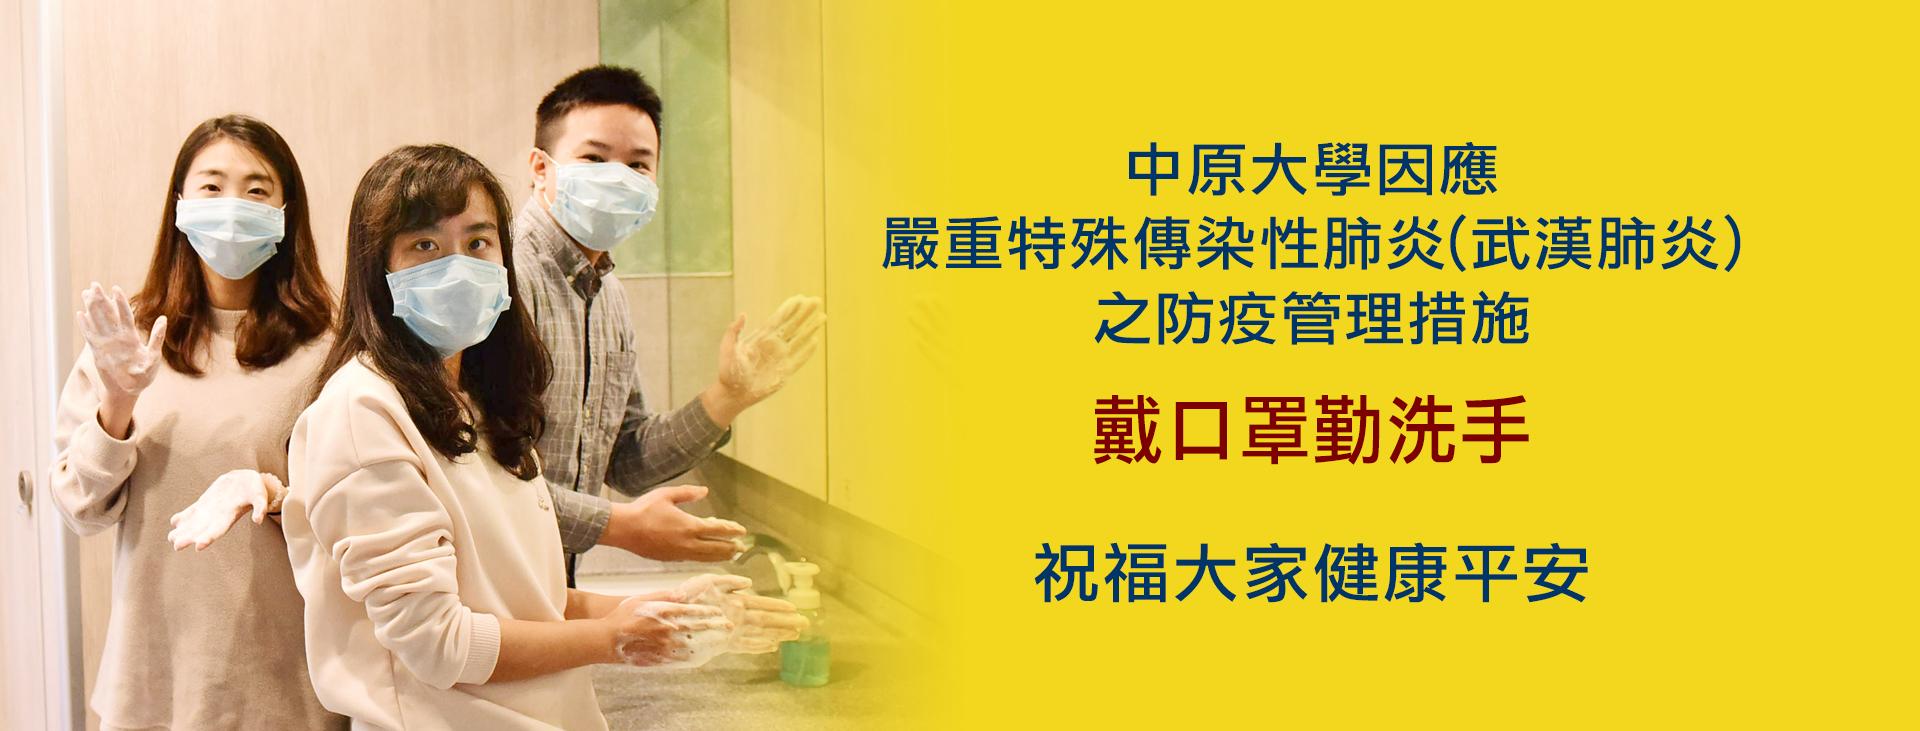 中原大學防疫專區